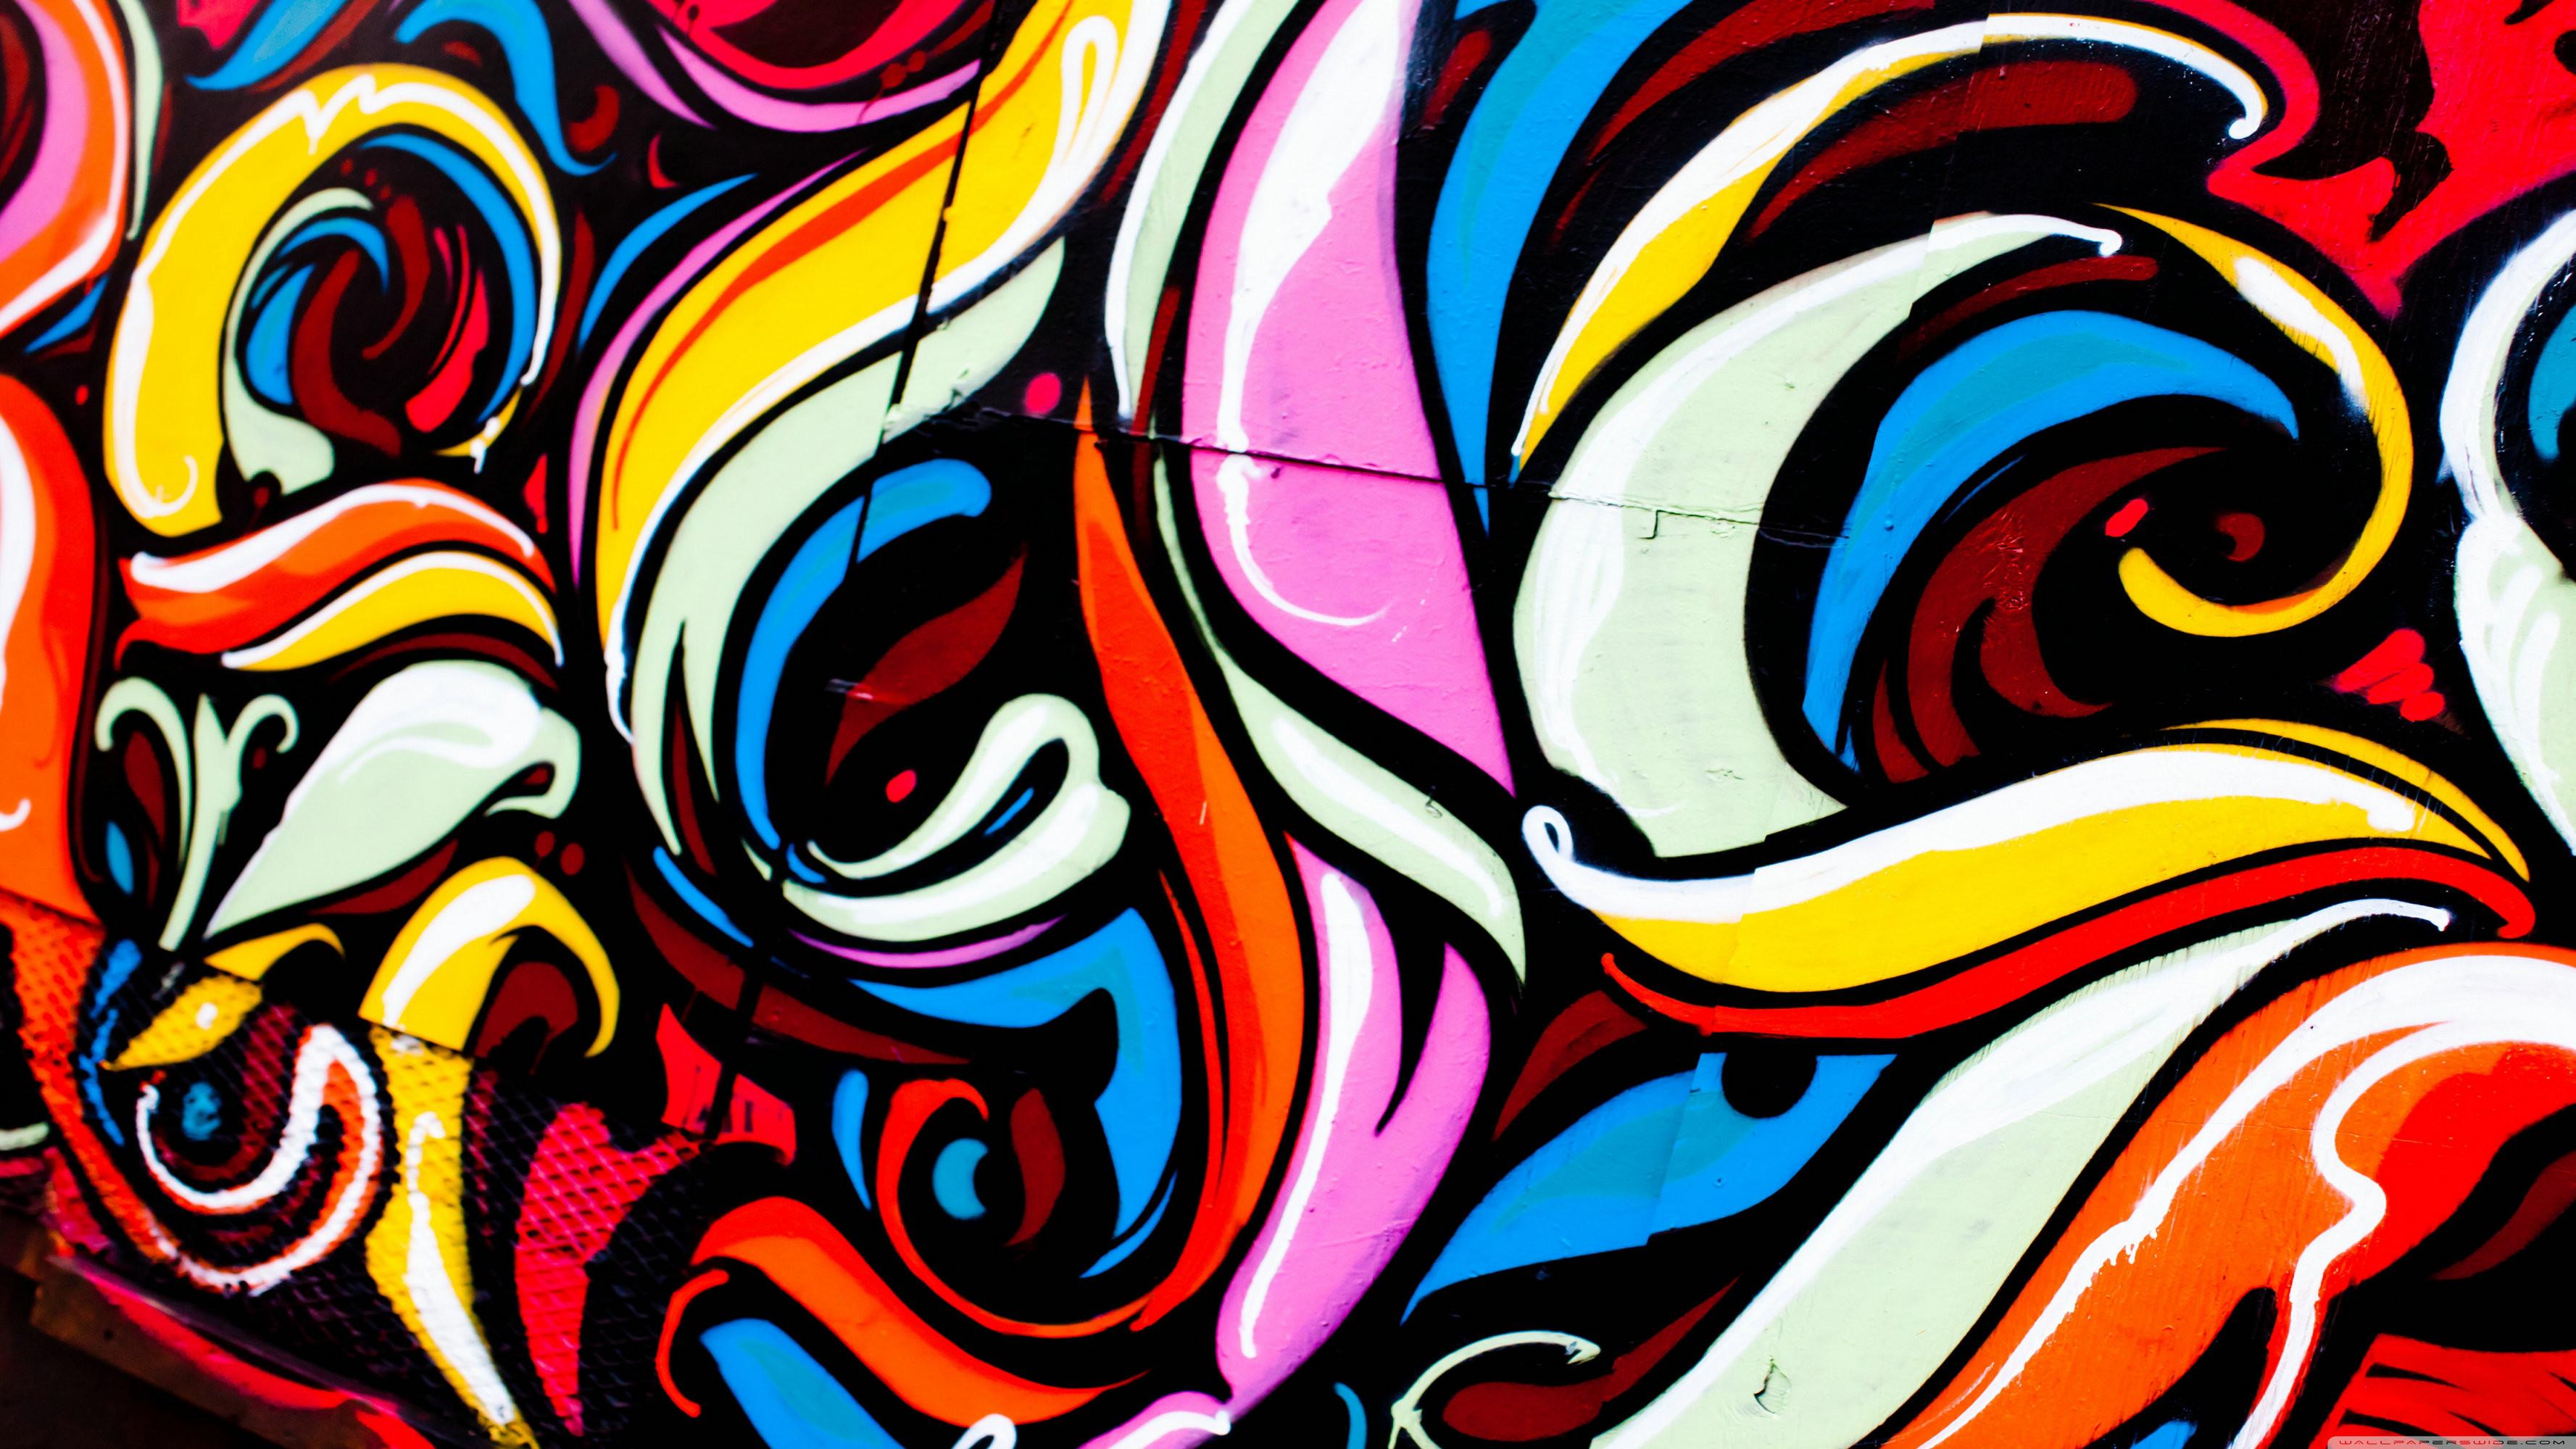 3554x1999 Cool Graffiti Wallpaper Designs Cool Graffiti Wallpapers U2013  Wallpapers Browse